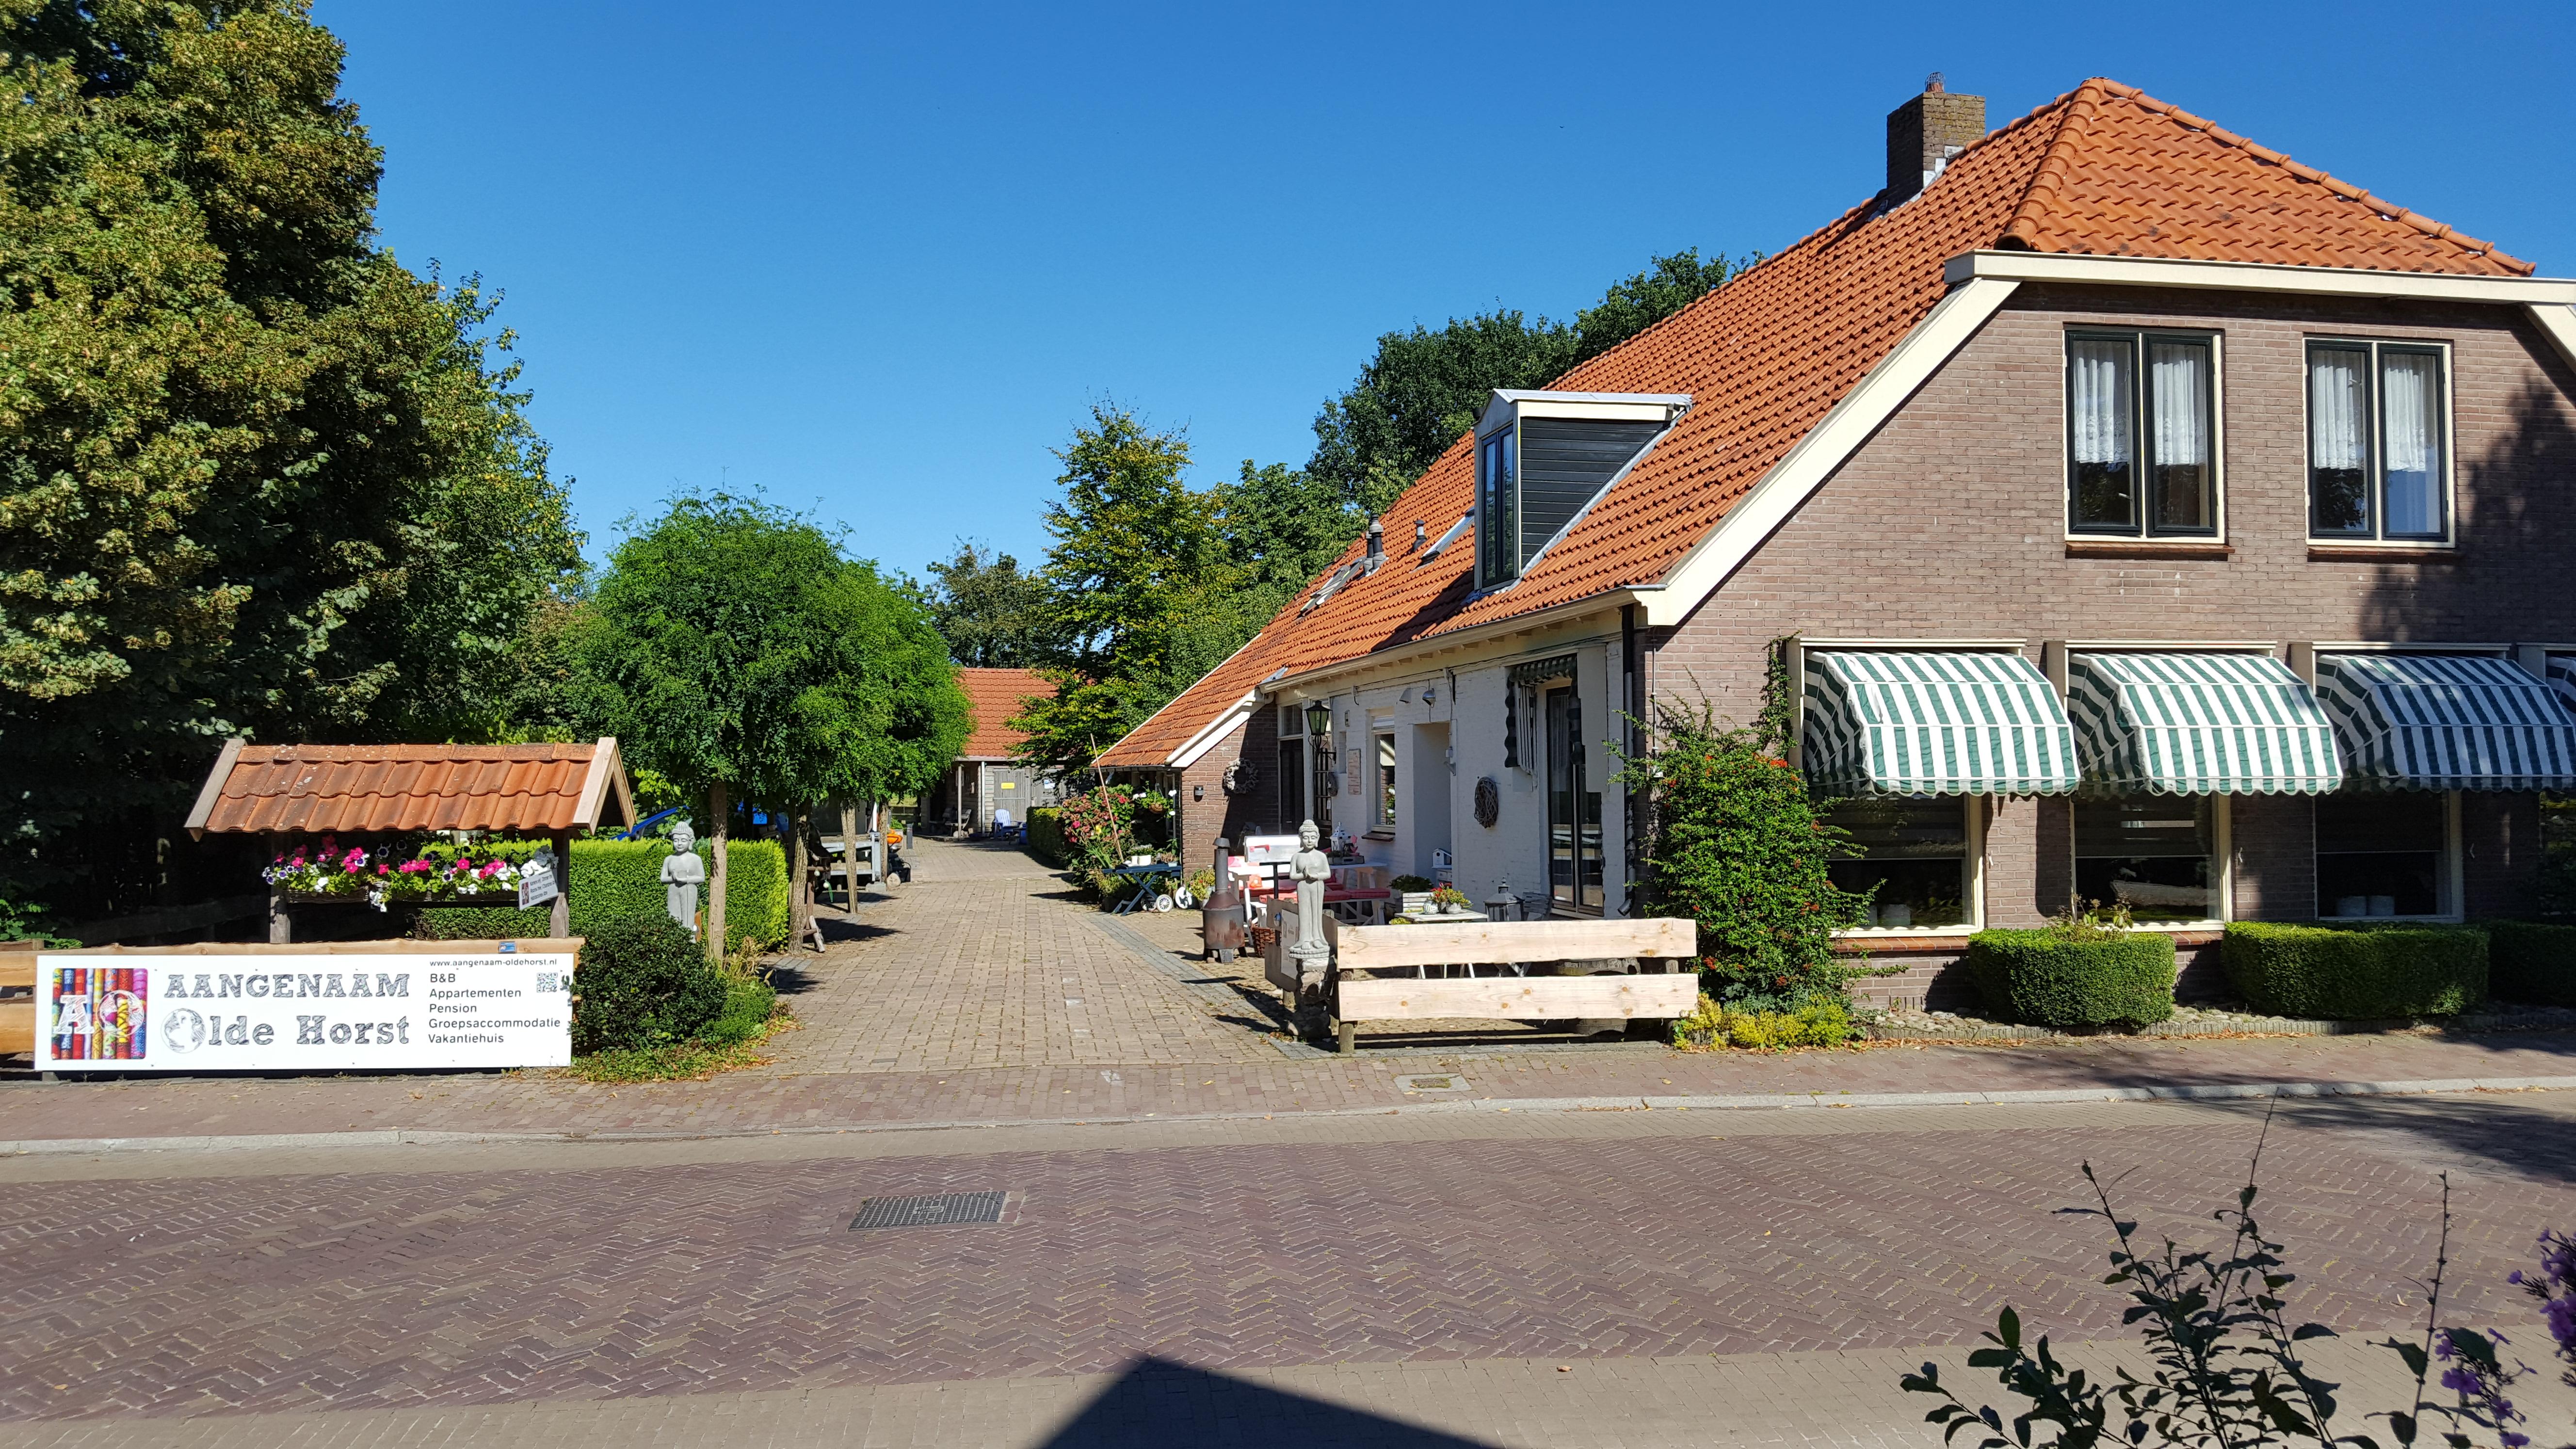 Groepsaccommodatie Aangenaam - Olde Horst Diever Drenthe